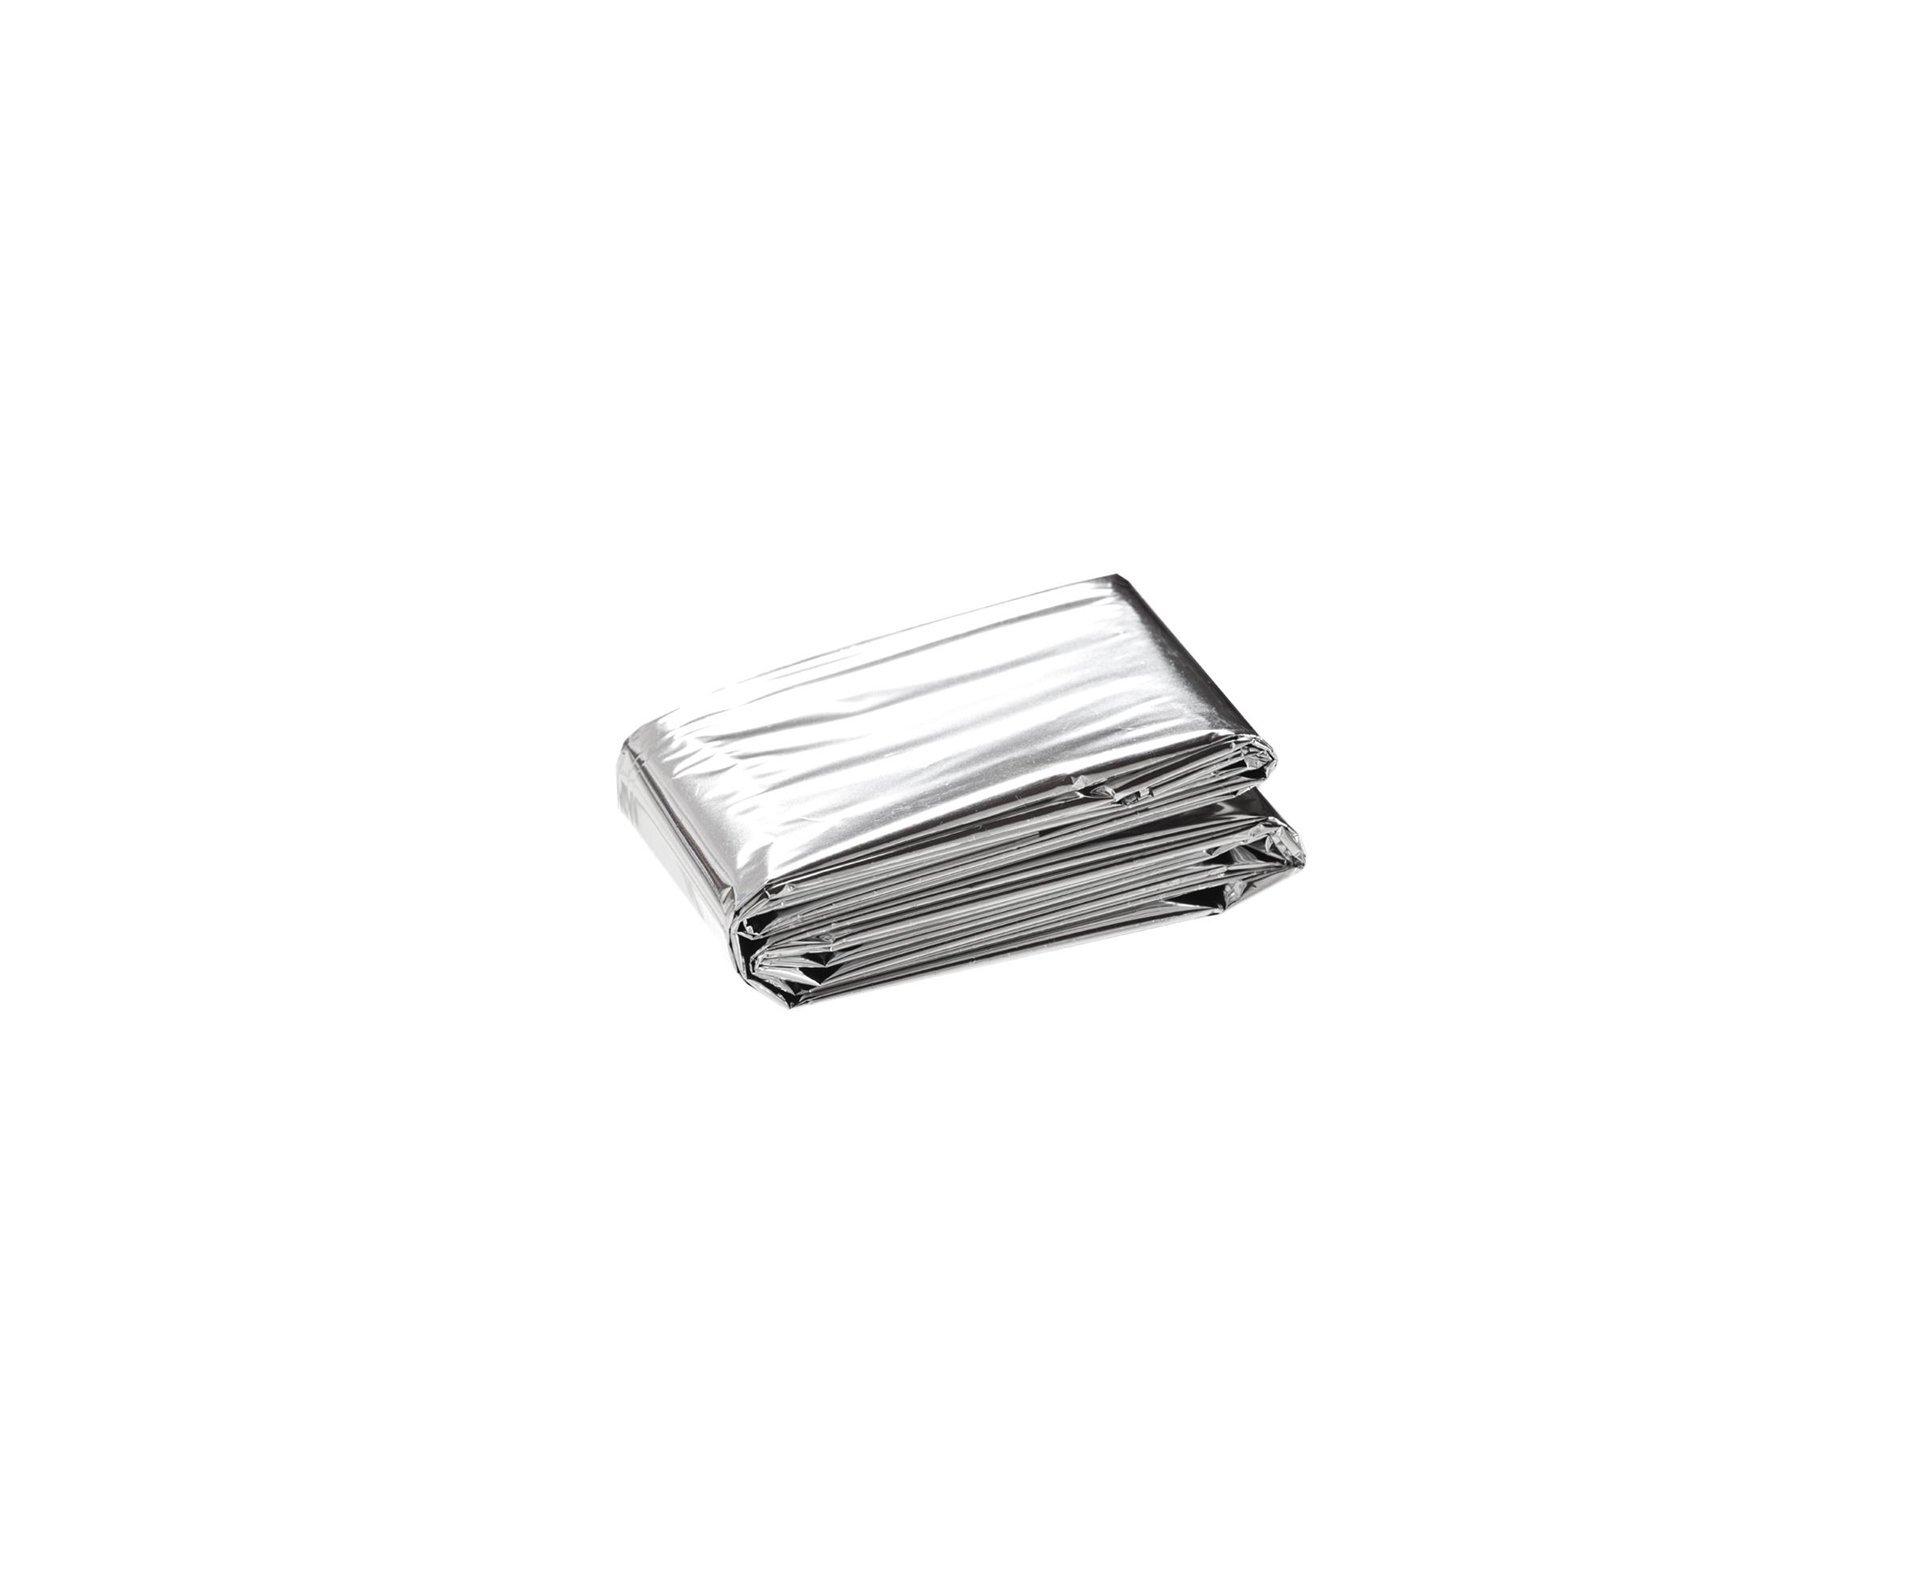 Cobertor De Emergência Alumínio 132 X 213 Cm - Guepardo